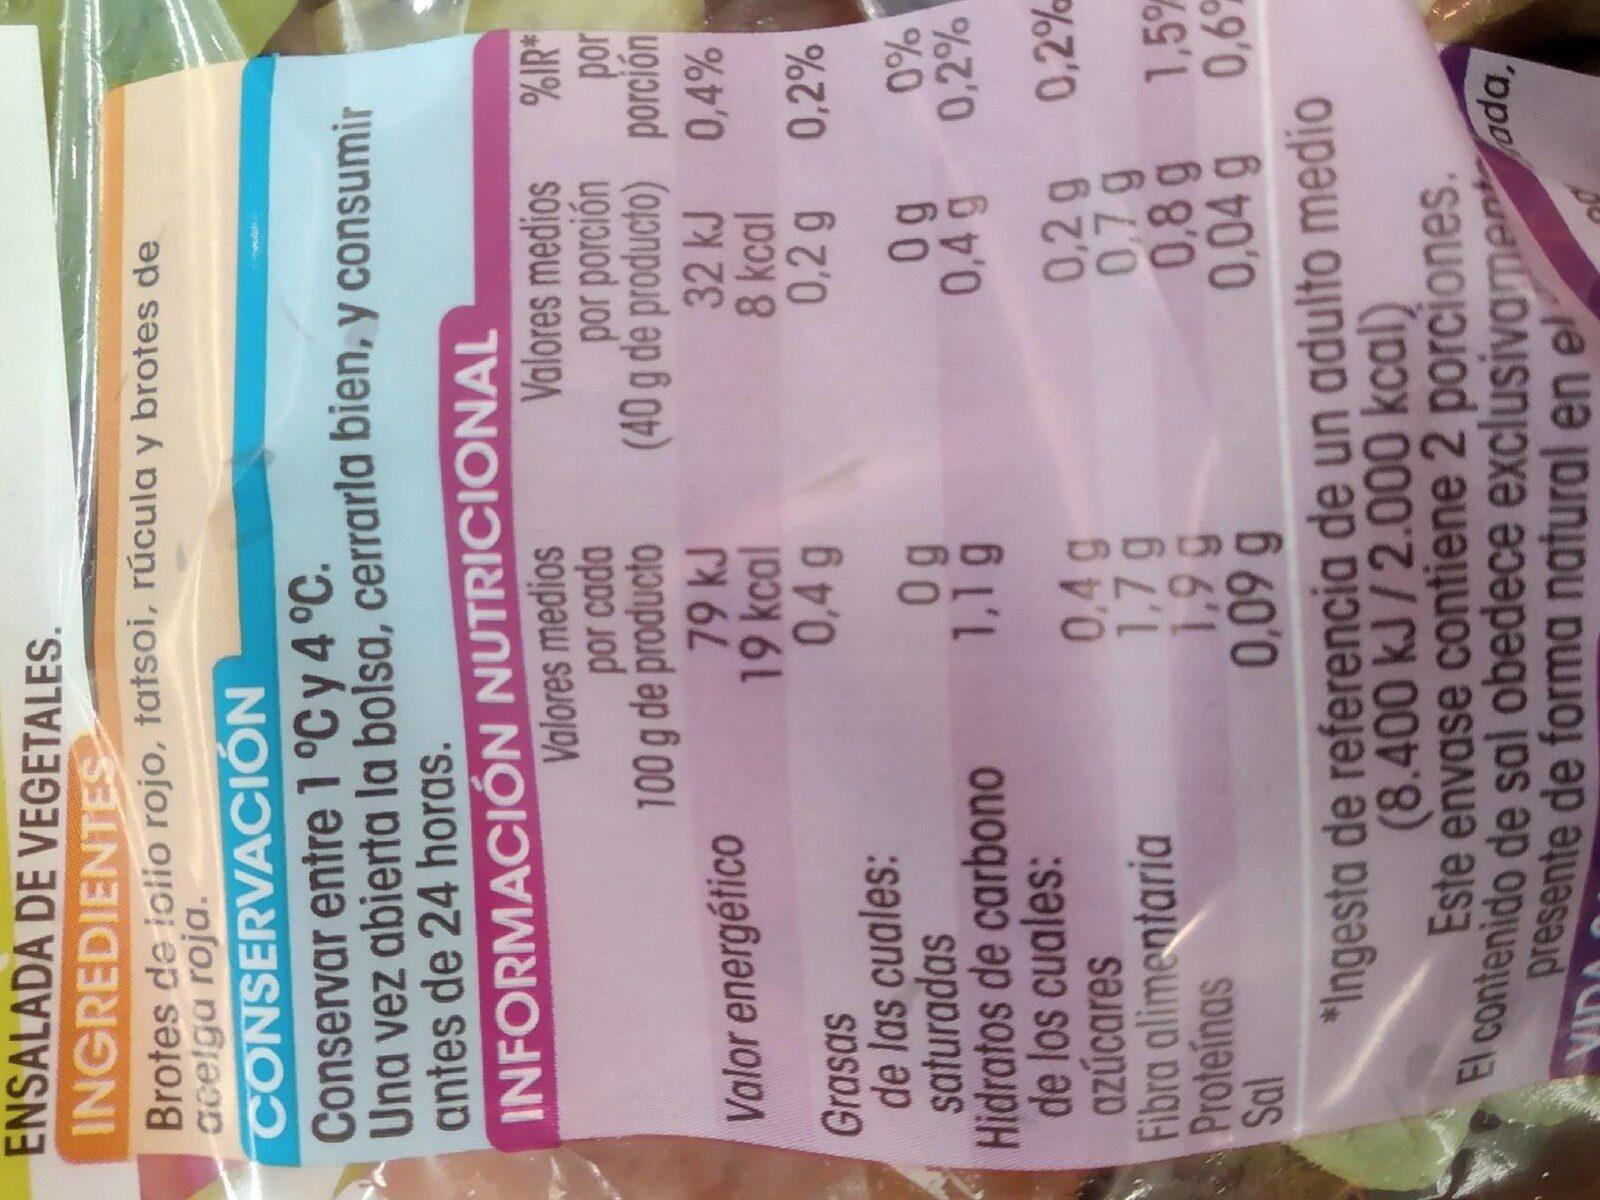 Ensalada capricho - Voedingswaarden - es